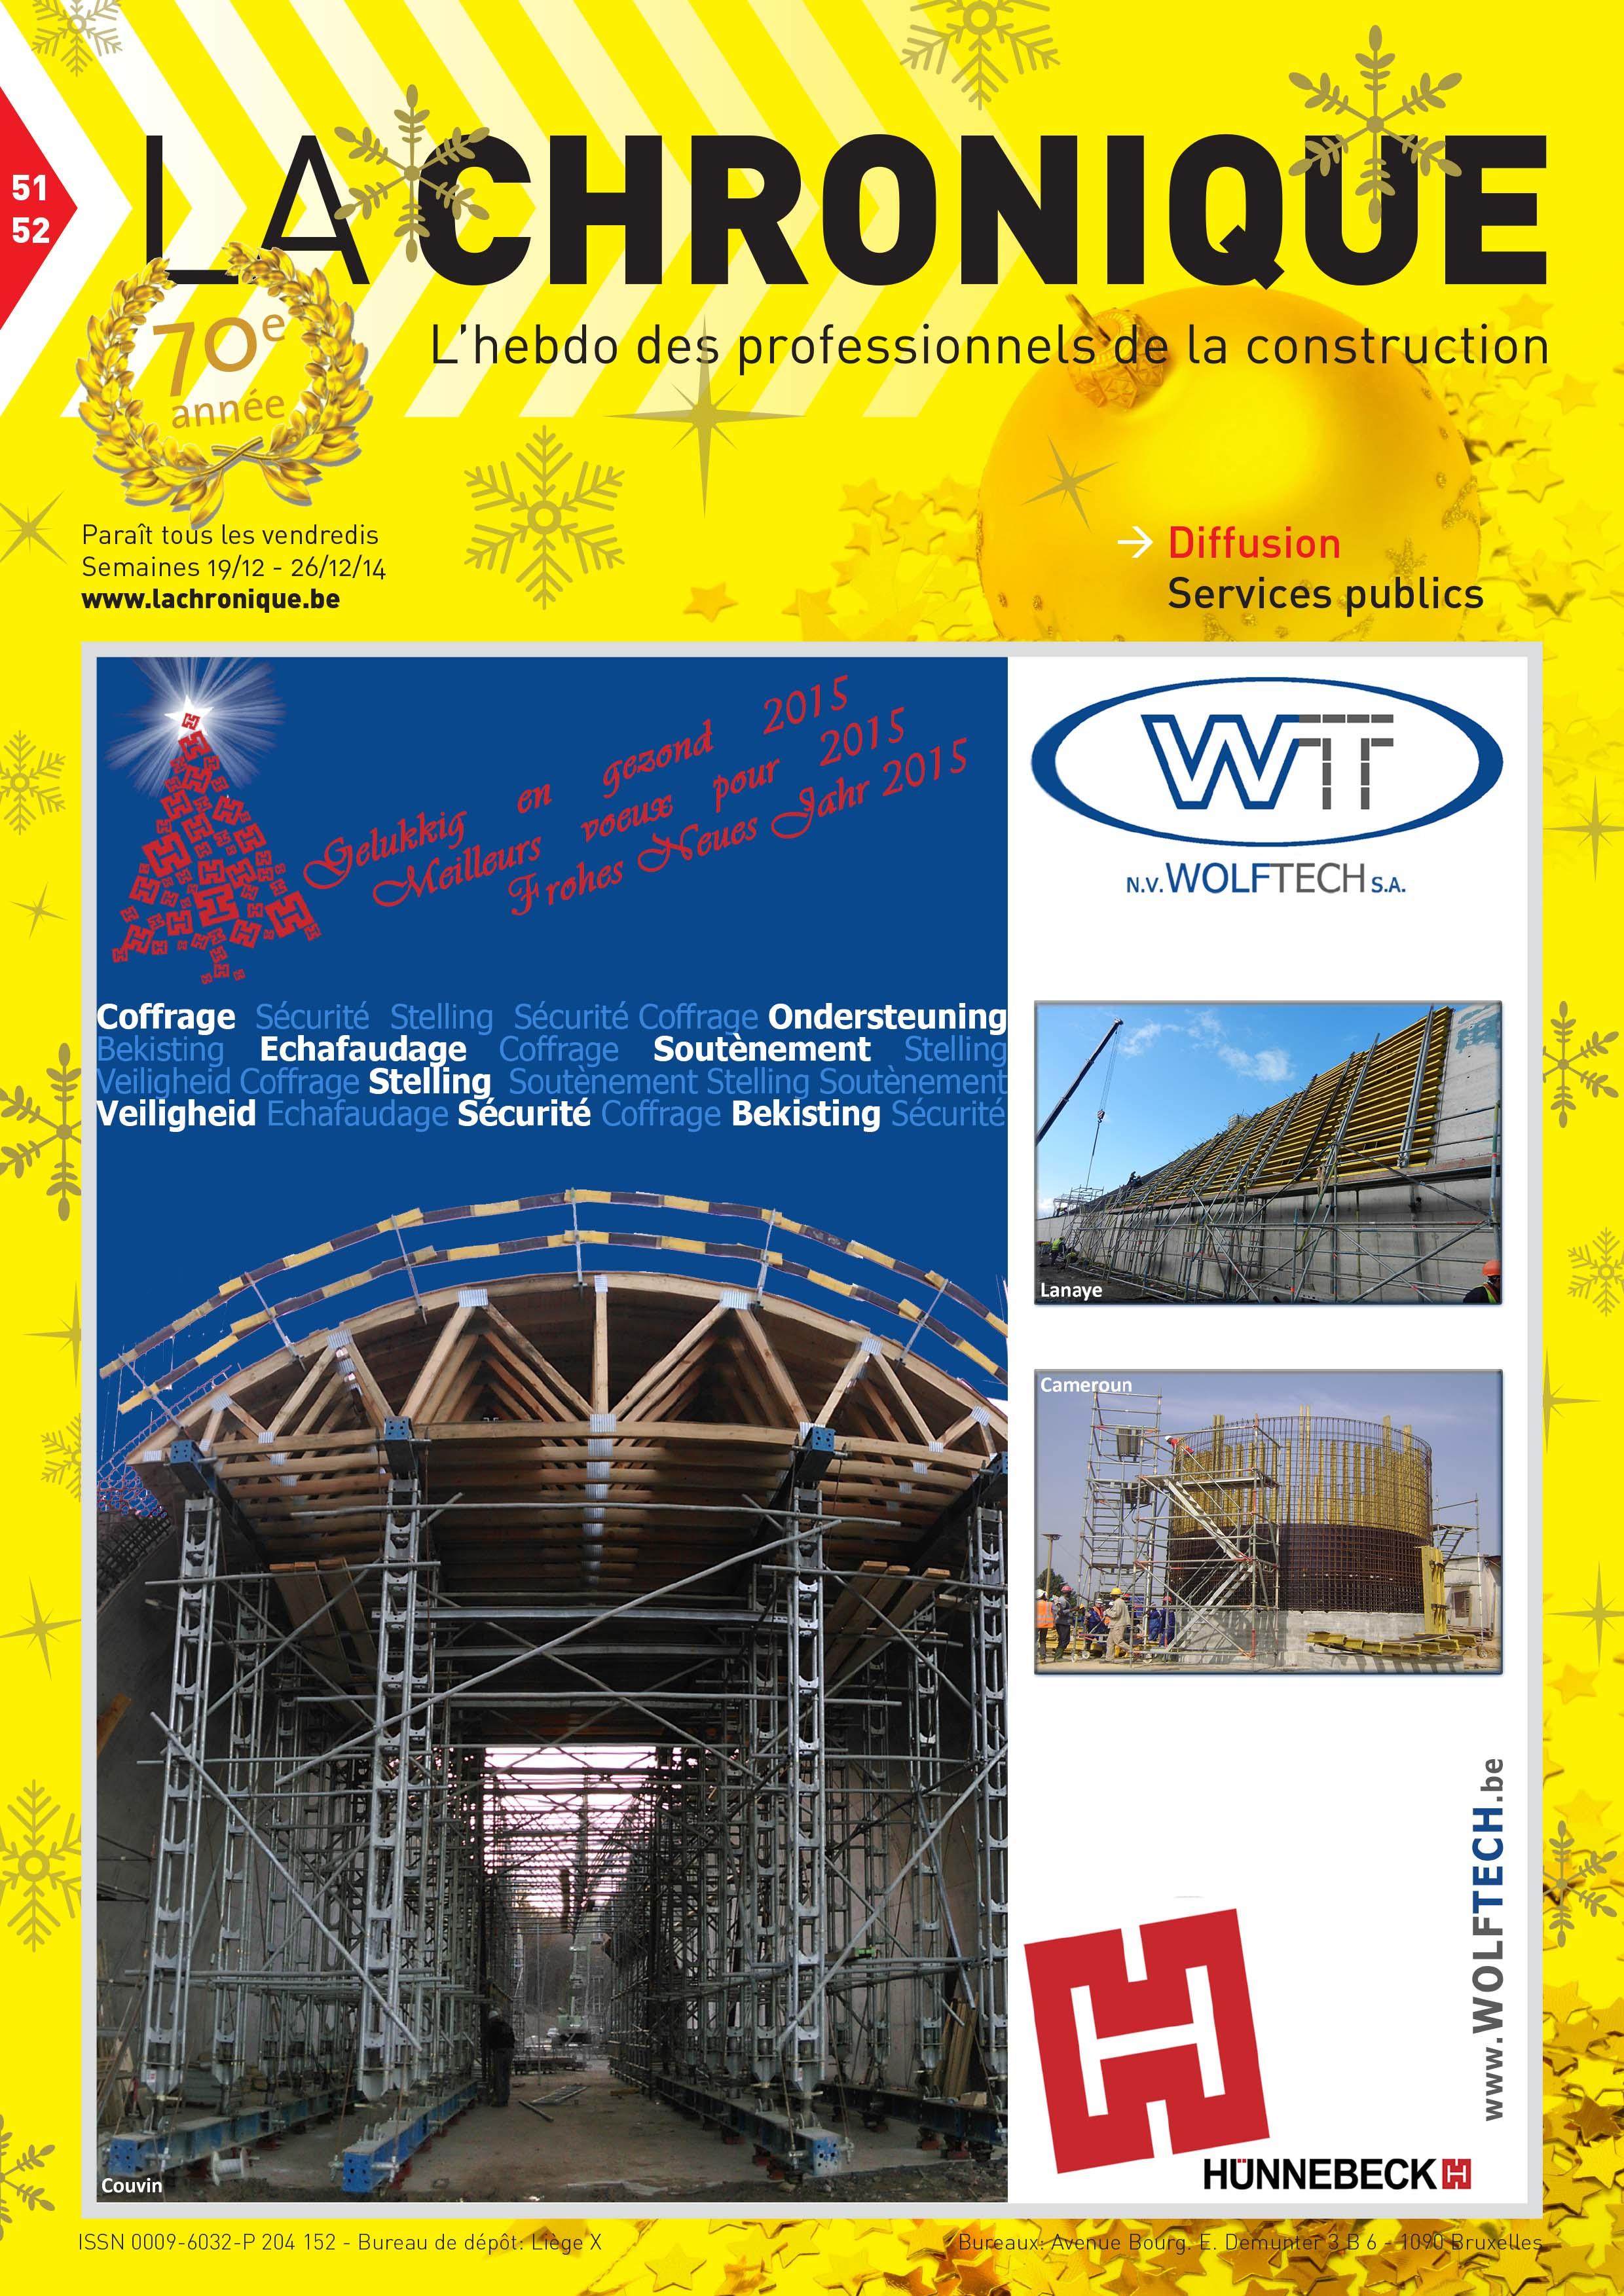 La Chronique n°10 - Mars 2014